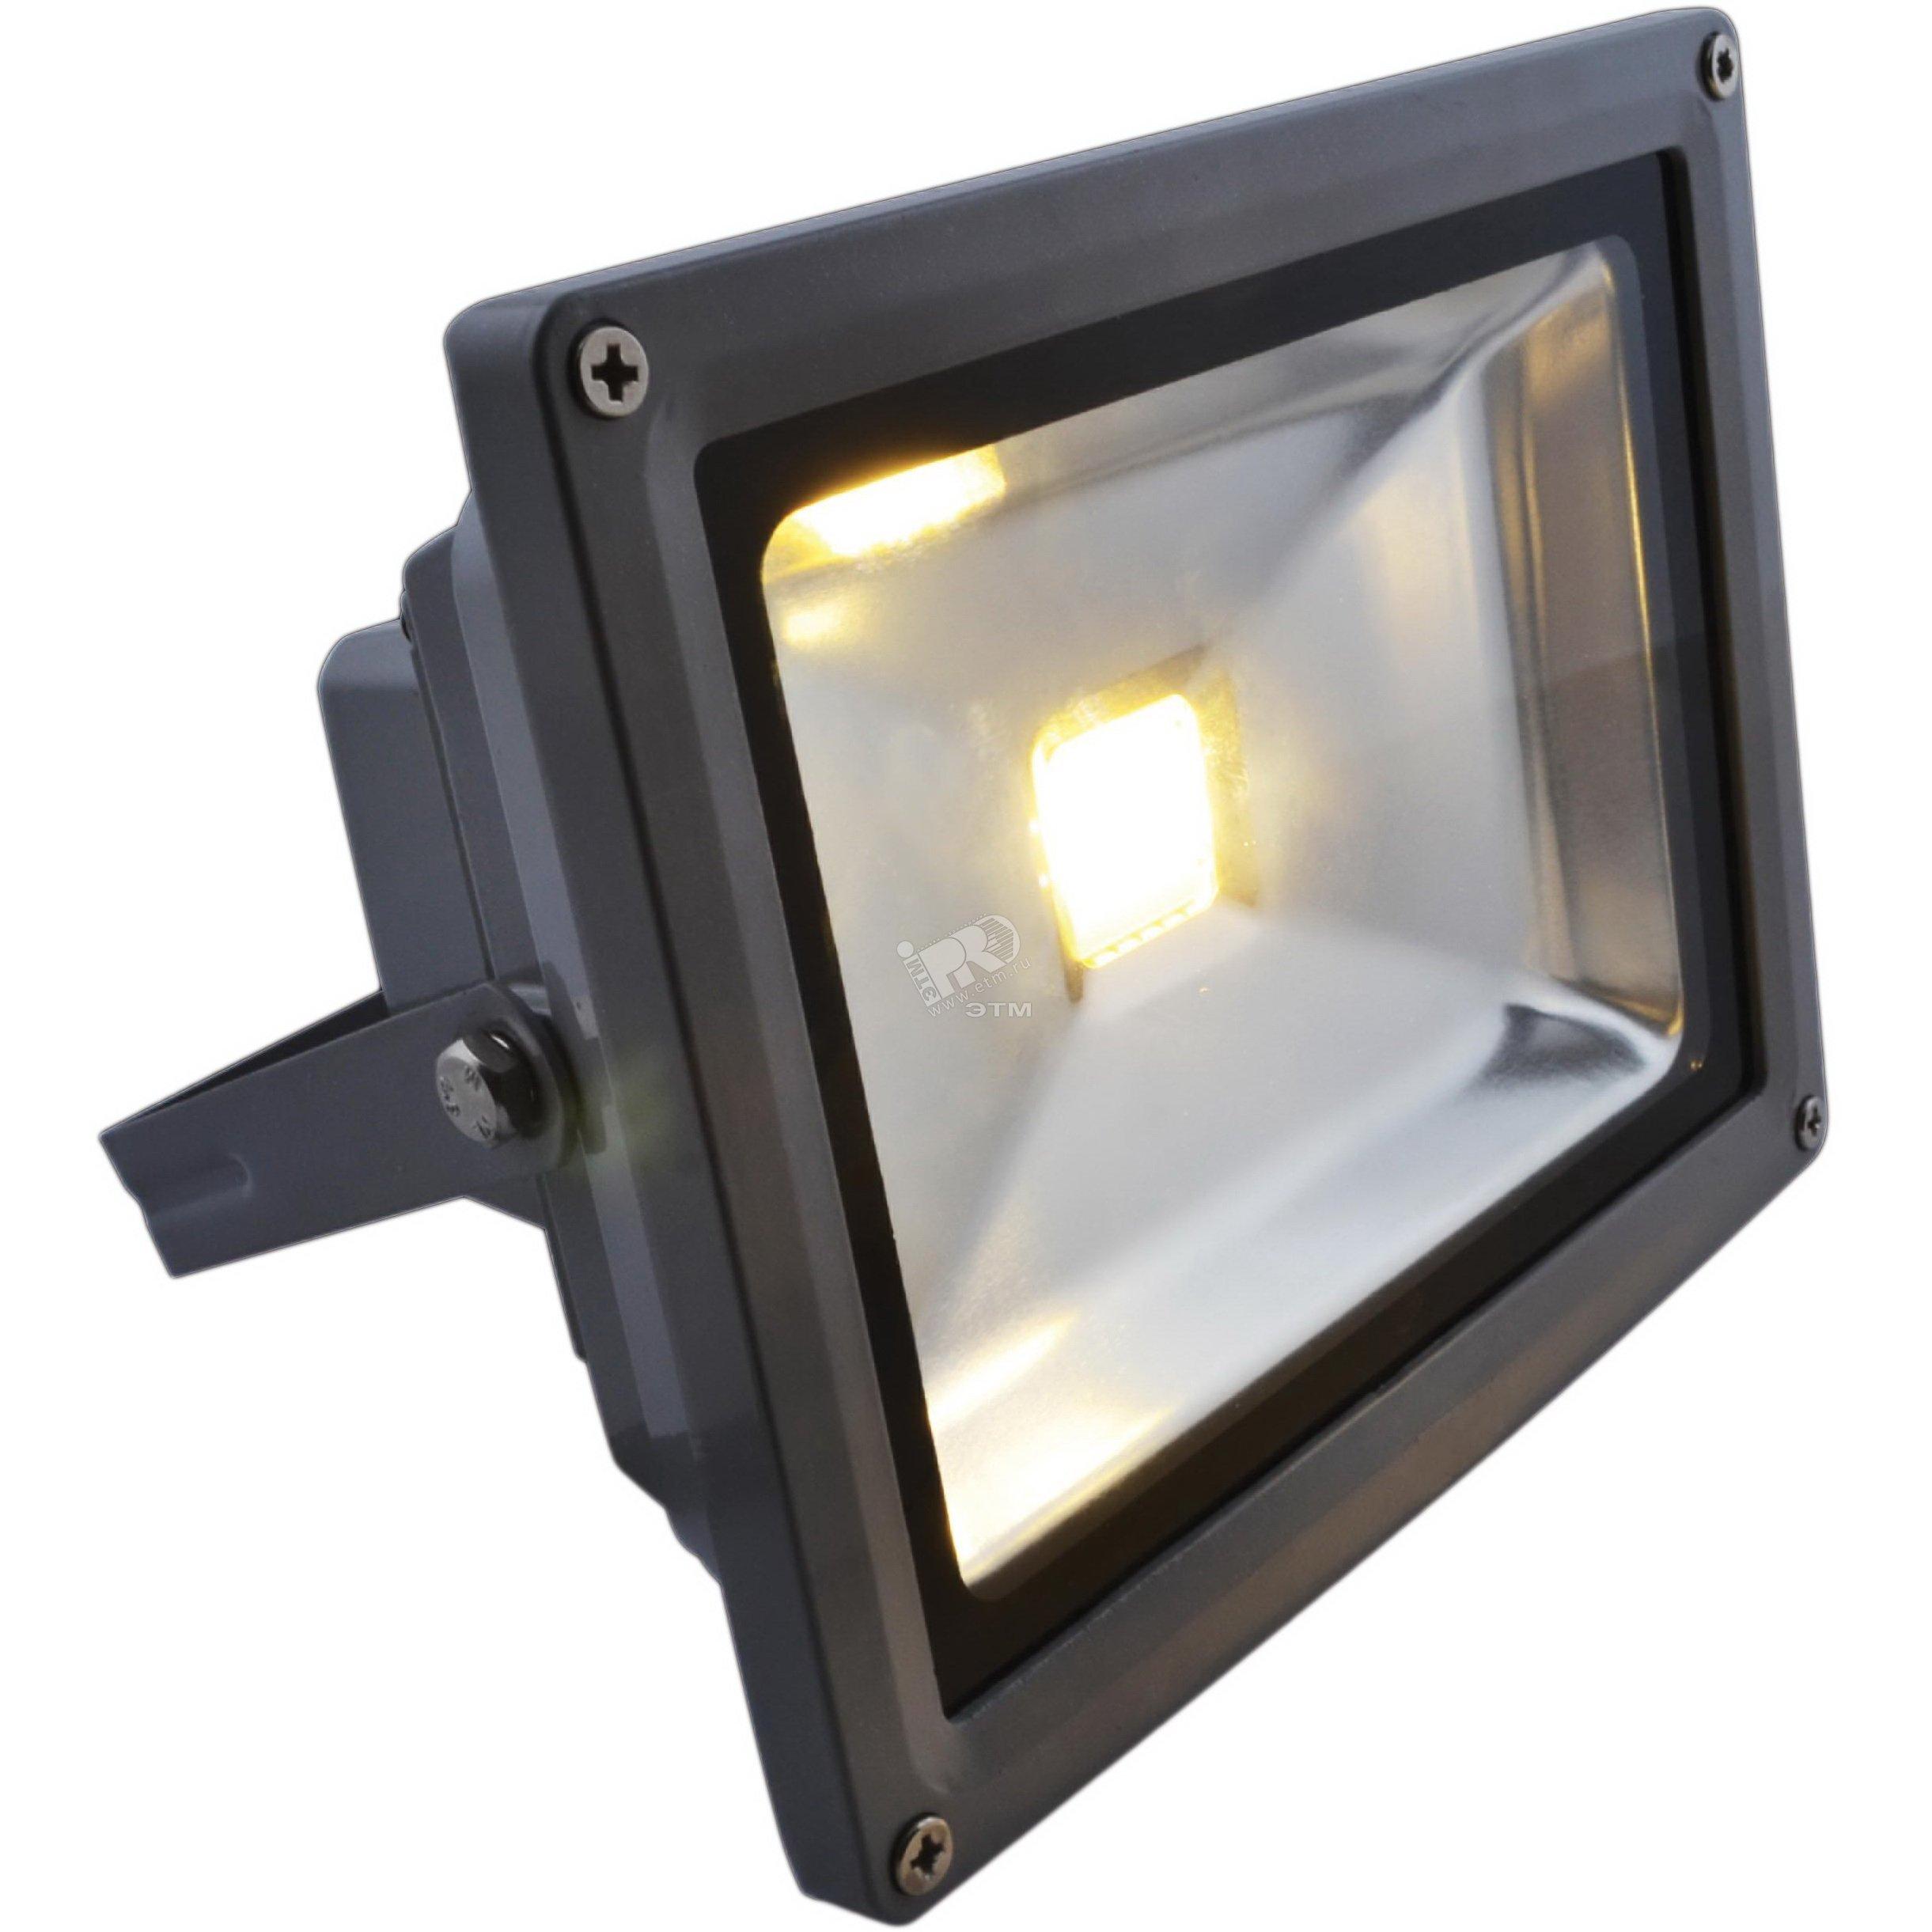 светодиодные светильники ,прожектора | светодиодные светильники ,прожектора | http://energo-74.ru/images/803.jpg